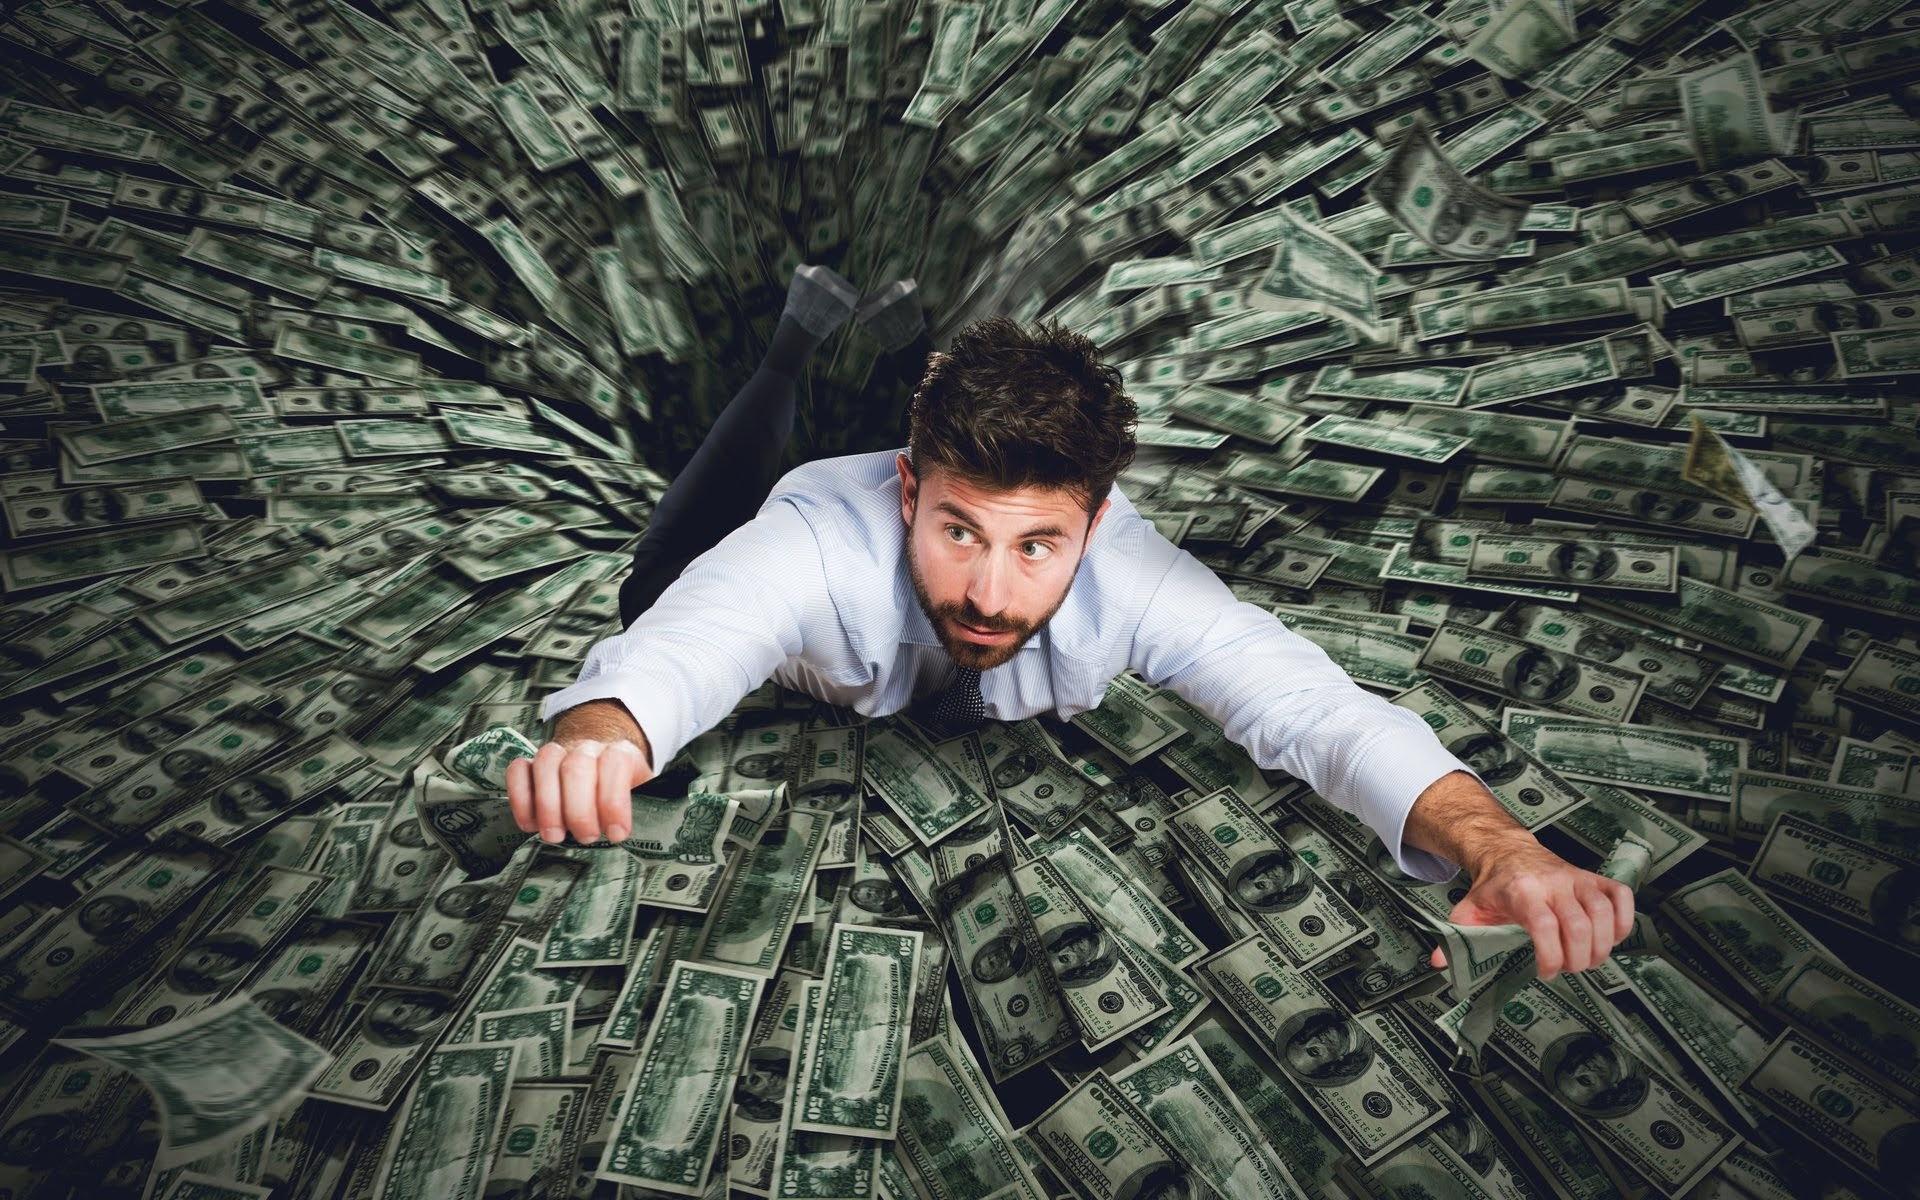 Несчастные миллионеры: почему достигнув успеха, люди часто остаются несчастными?